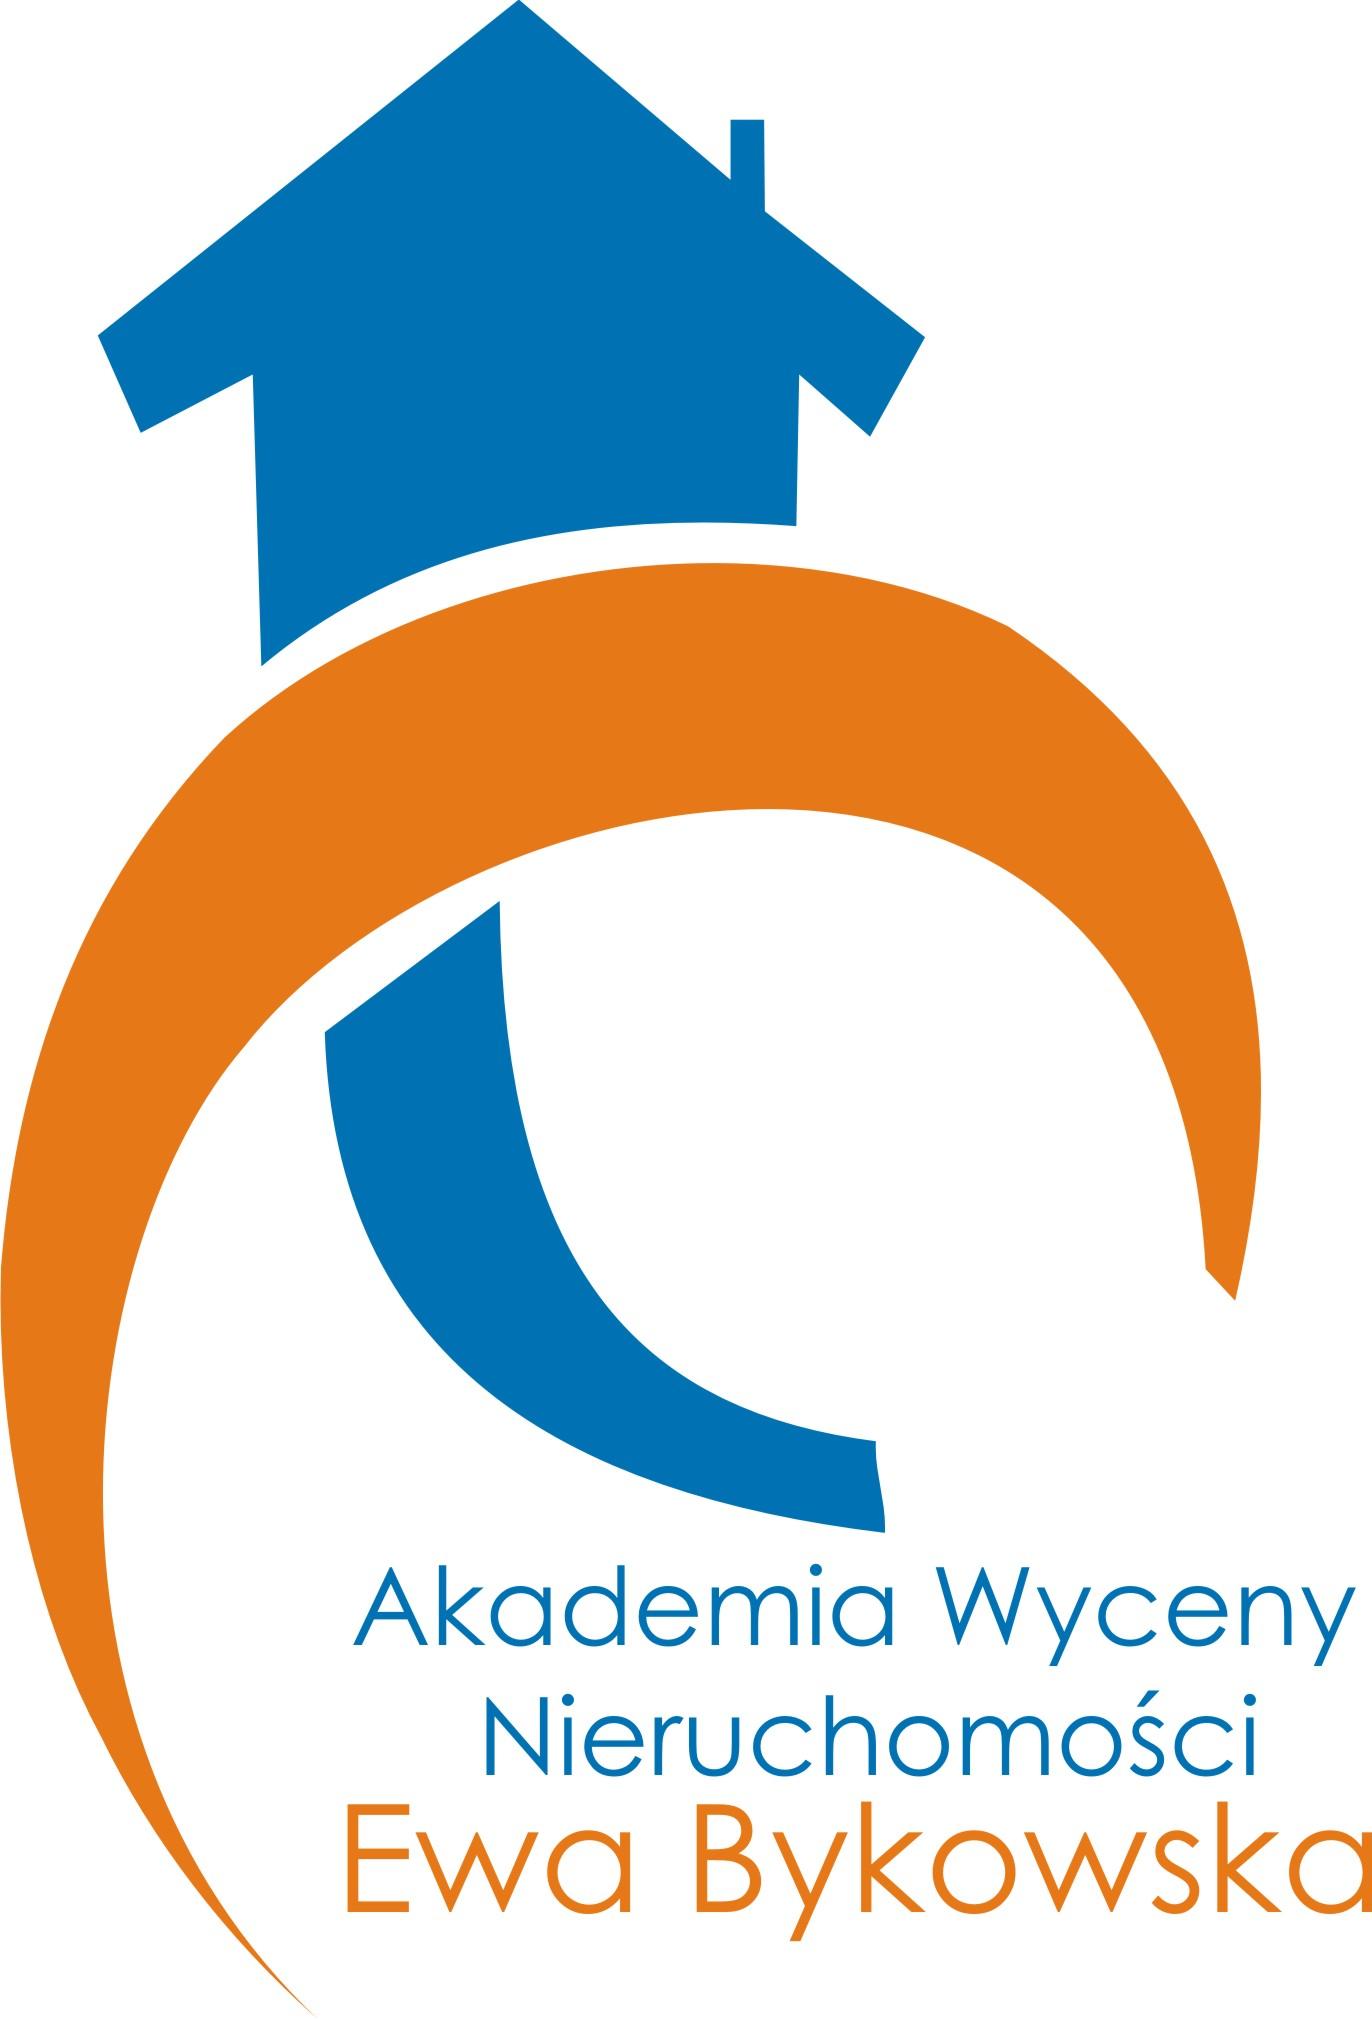 Akademia Wyceny Nieruchomości Ewa Bykowska - Rzeczoznawca Piotrków Trybunalski